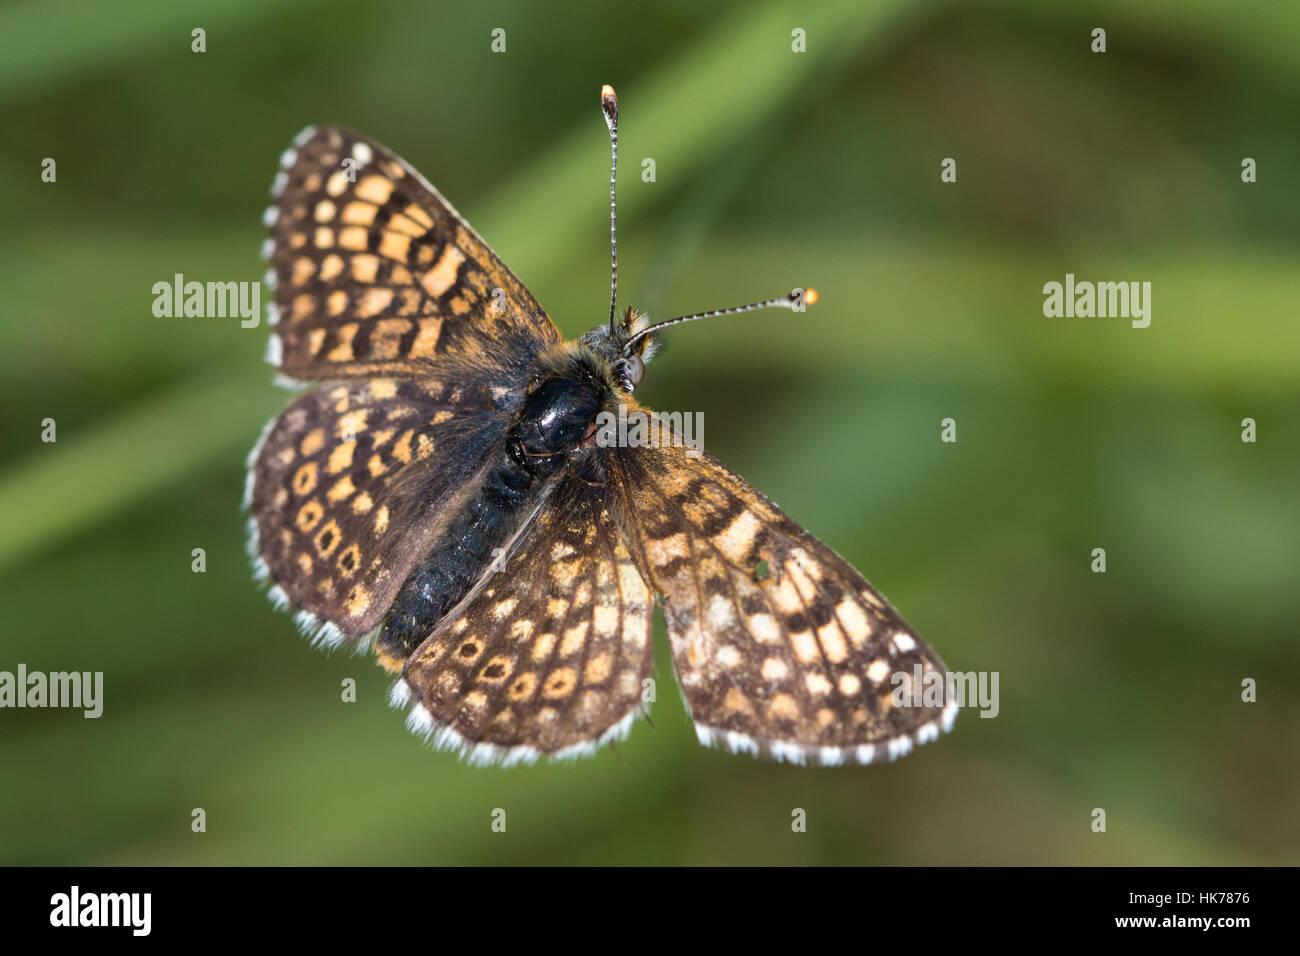 Glanville Fritillary (Melitaea cinxia) butterfly - Stock Image